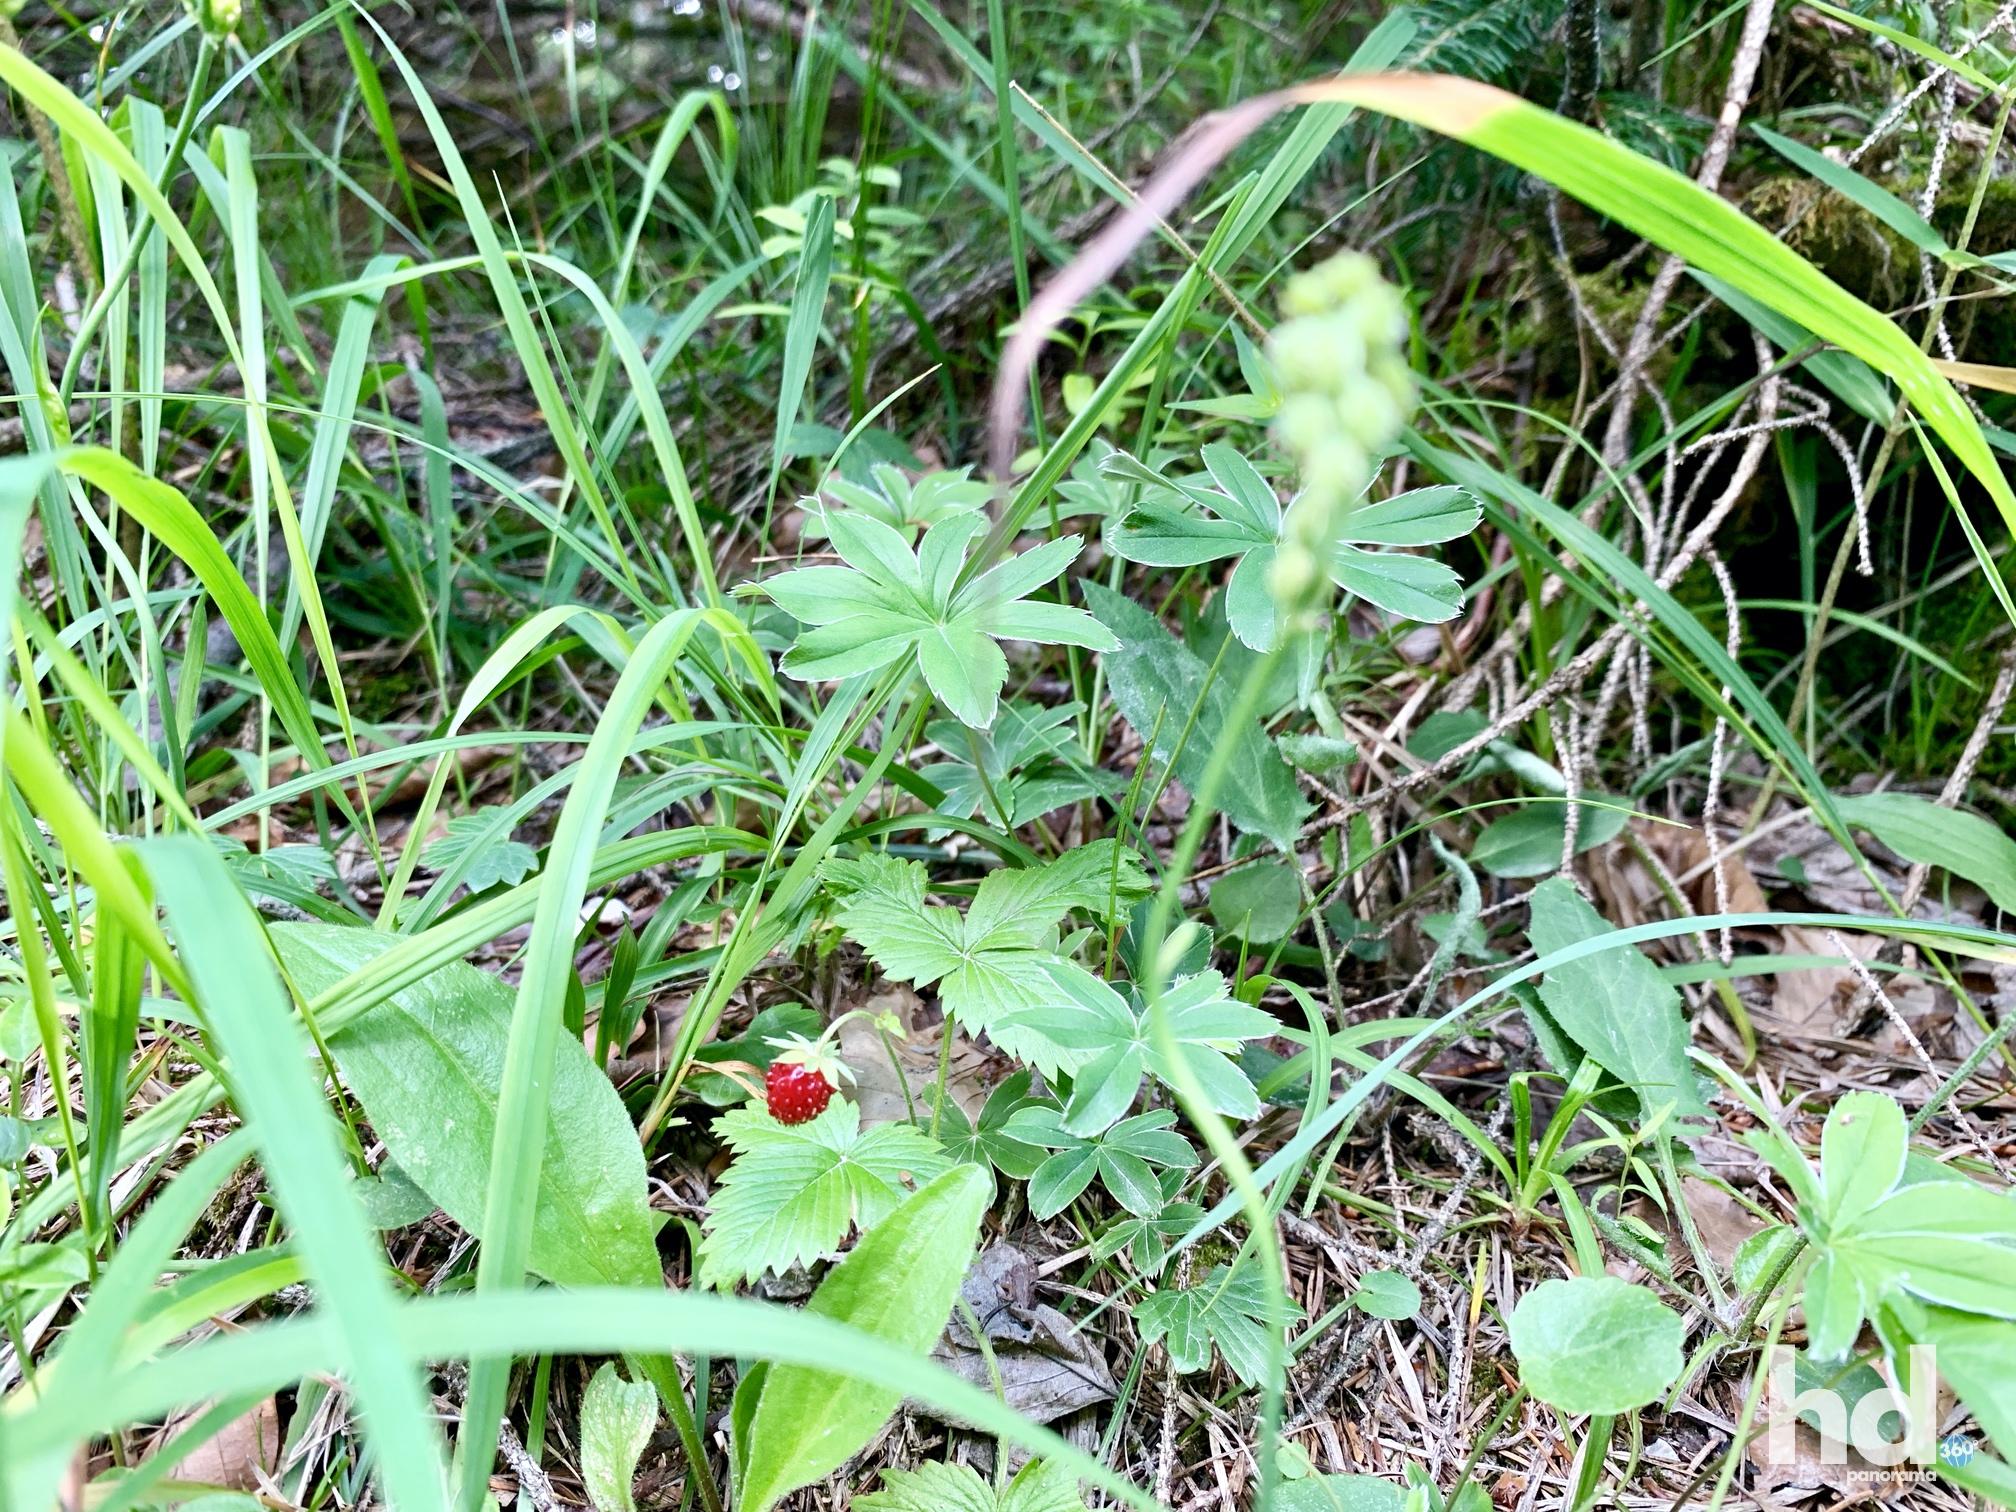 Wilde Erdbeeren als kleine Wegzehrung am Kranzberg, Mittenwald Kleine Kapelle am Kranzberg, Mittenwald, Foto © HD-Panorama